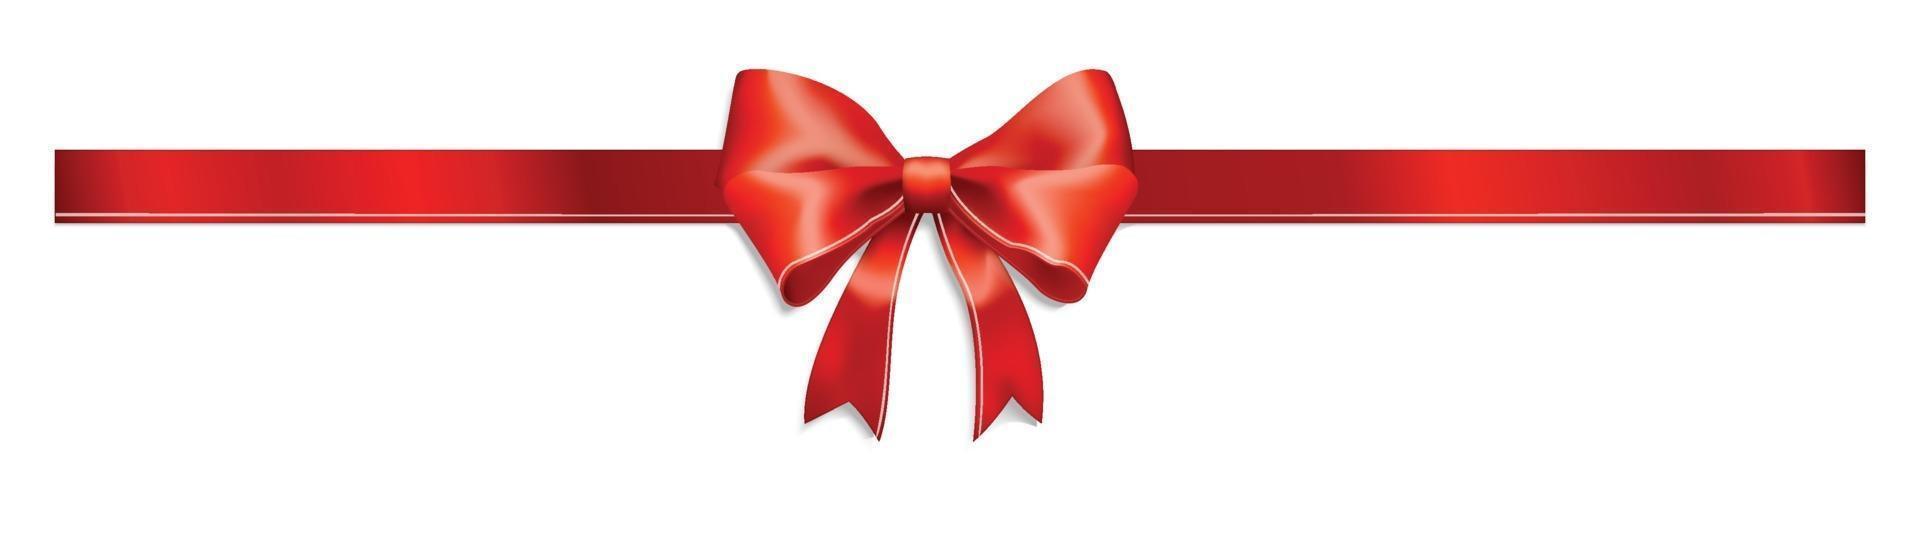 nastro regalo confezione vettoriale